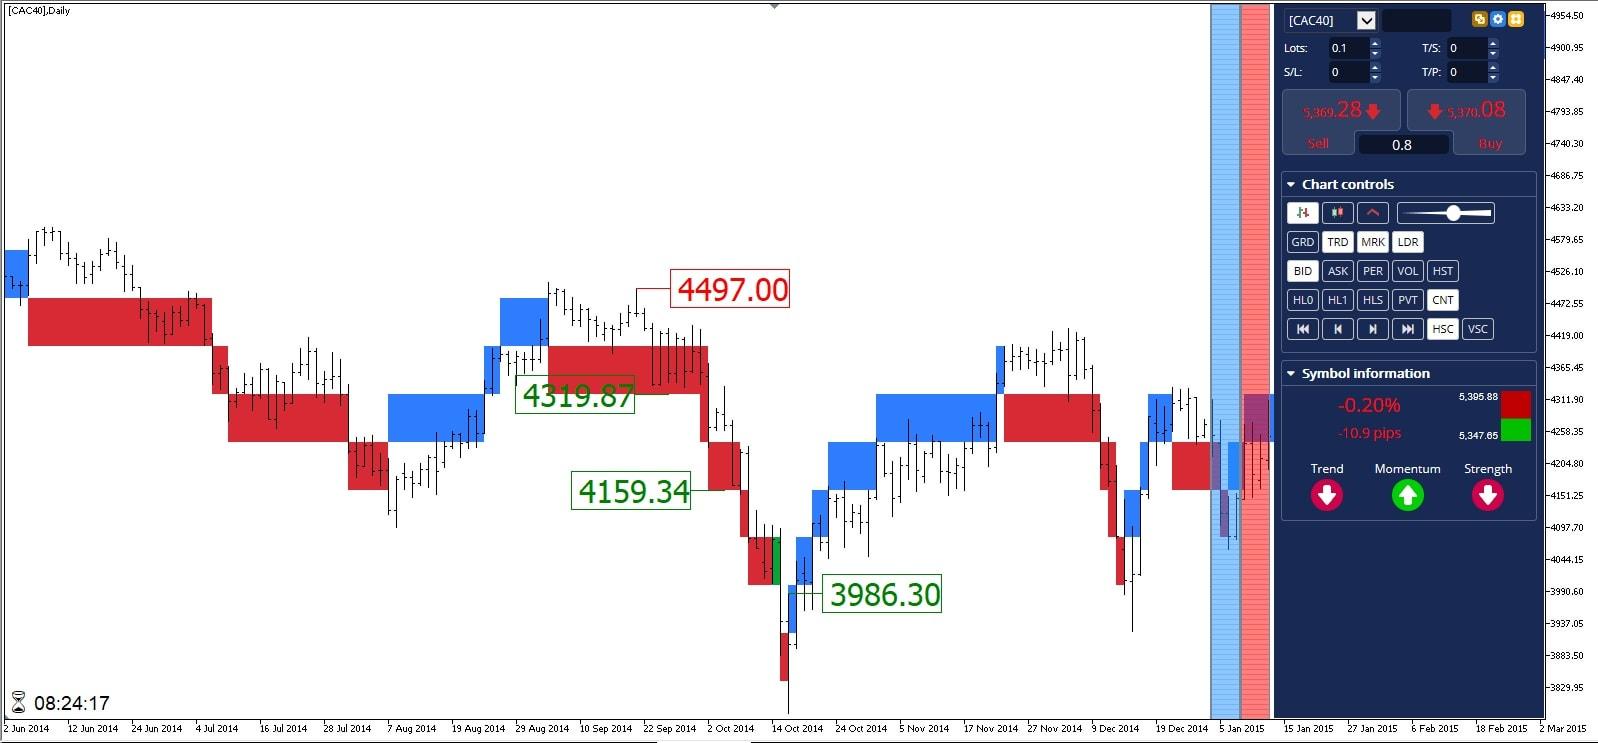 Position vendeuse Bourse CAC 40